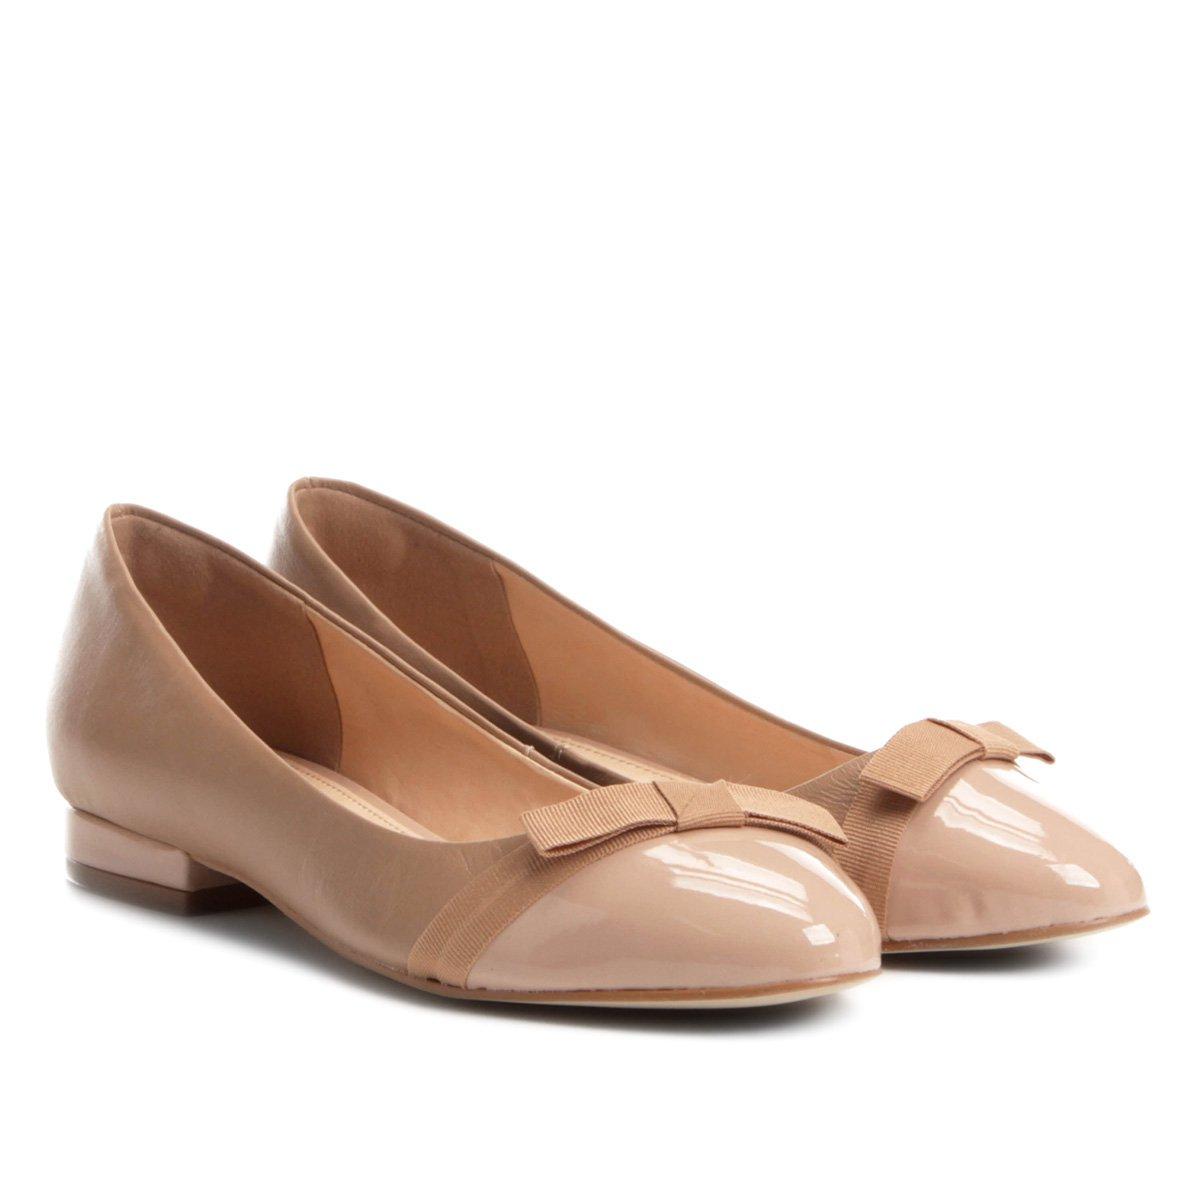 e59e0182f Sapatilha Couro Shoestock com Laço de Gorgurão Feminina | Shoestock